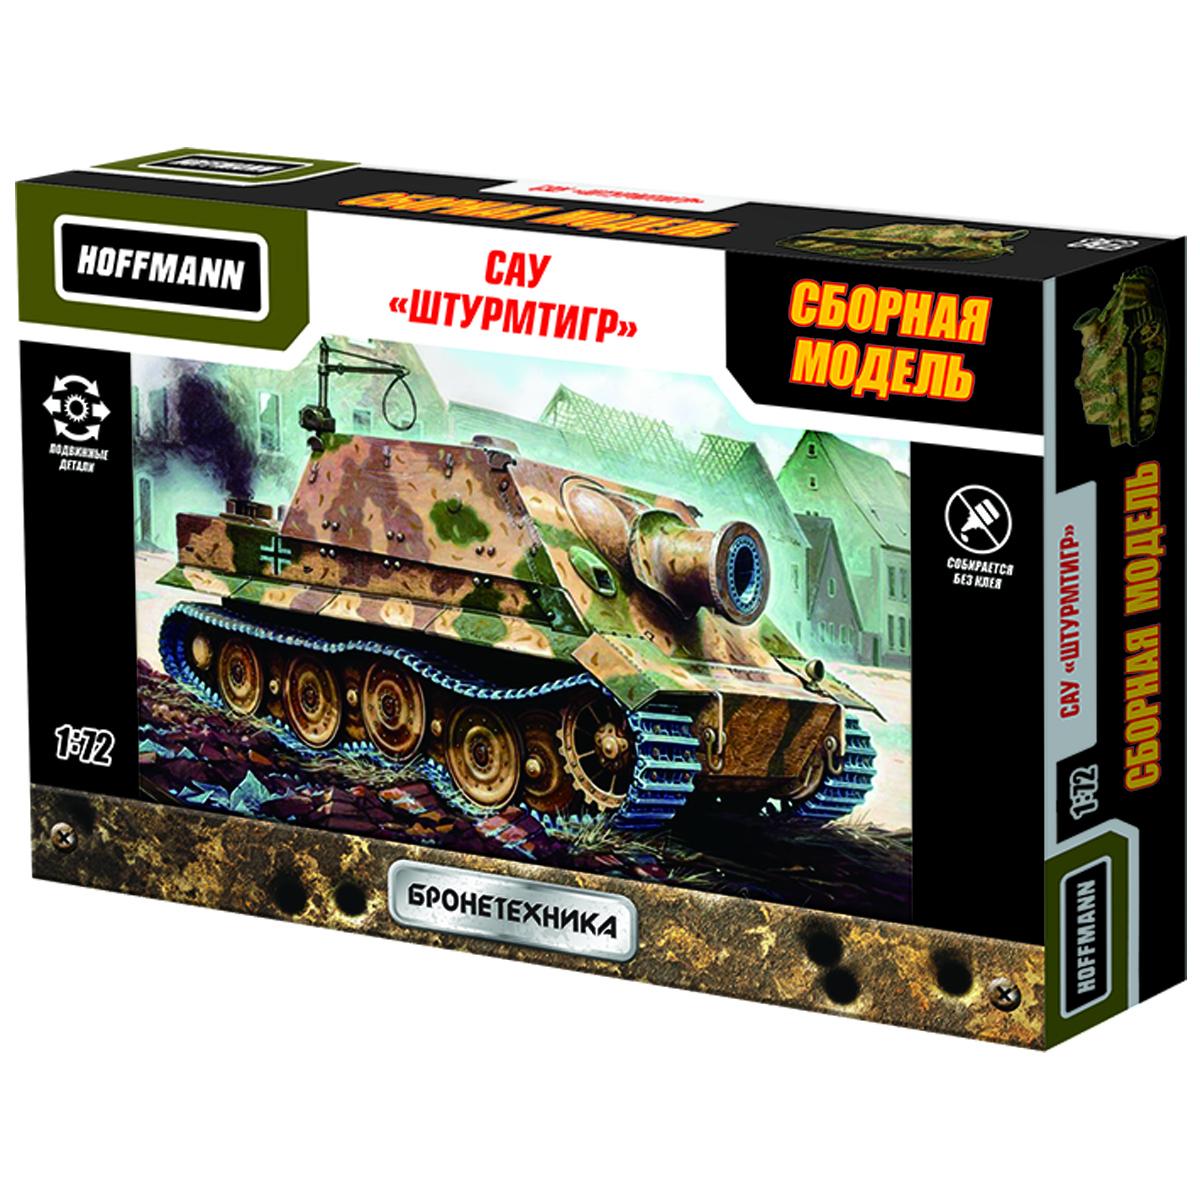 Hoffmann 4-D пазл САУ Штурмпанцер VI